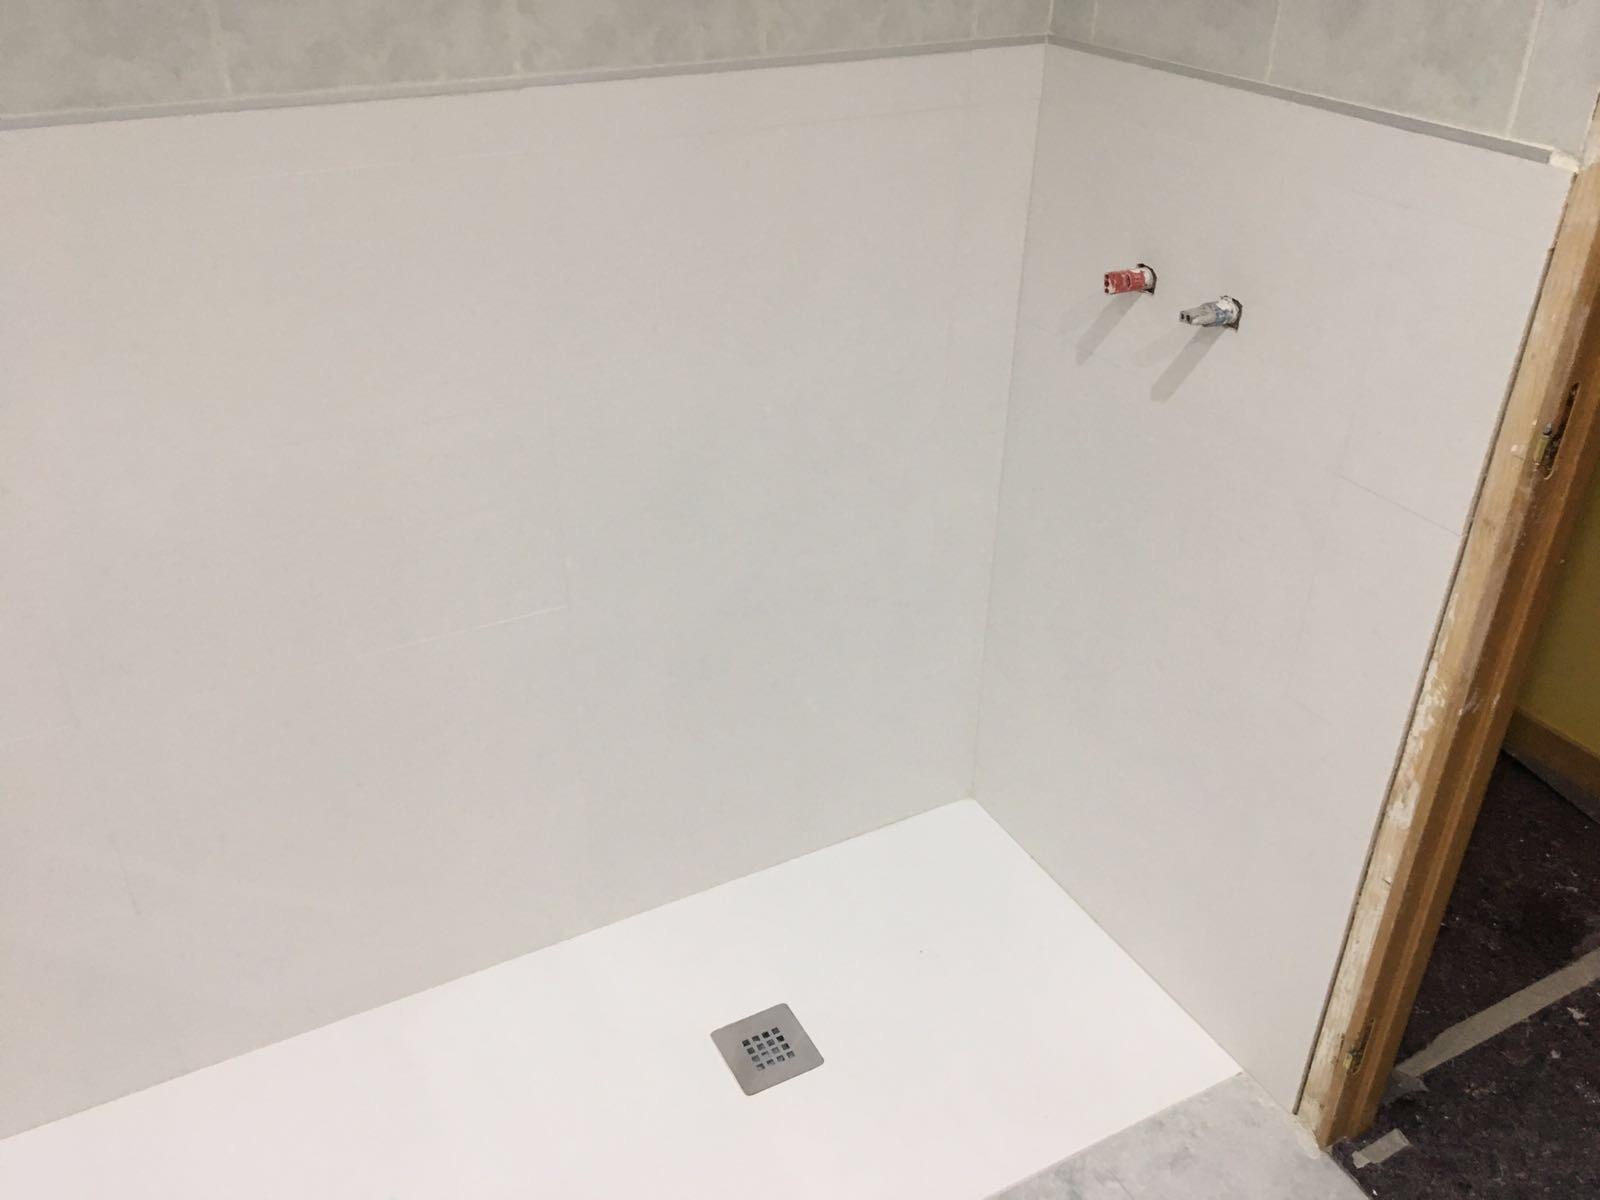 azulejo 30x60 cms blanco